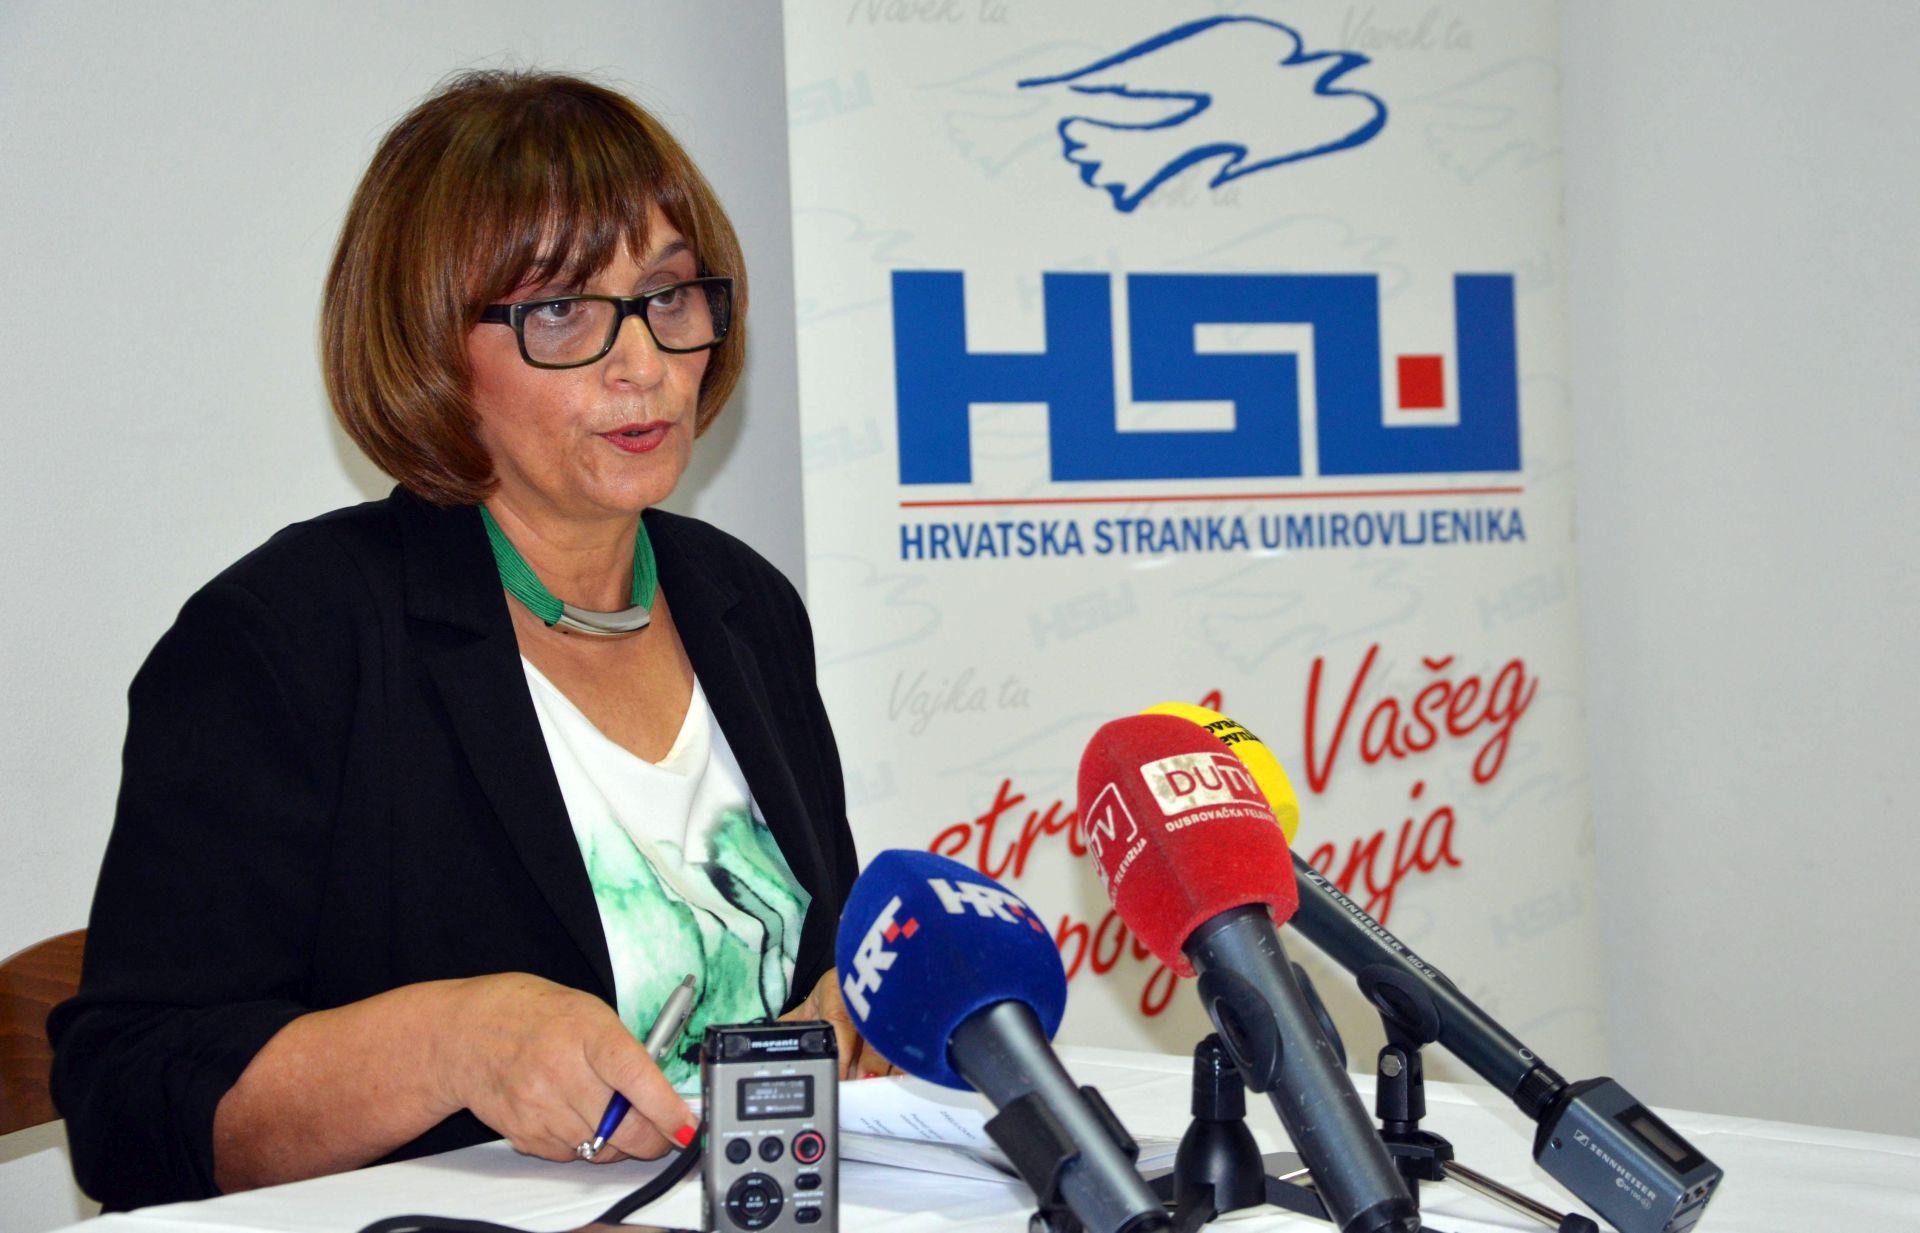 UTVRĐENE NEPRAVILNOSTI: Muratti oštećena za 107 preferencijalnih glasova